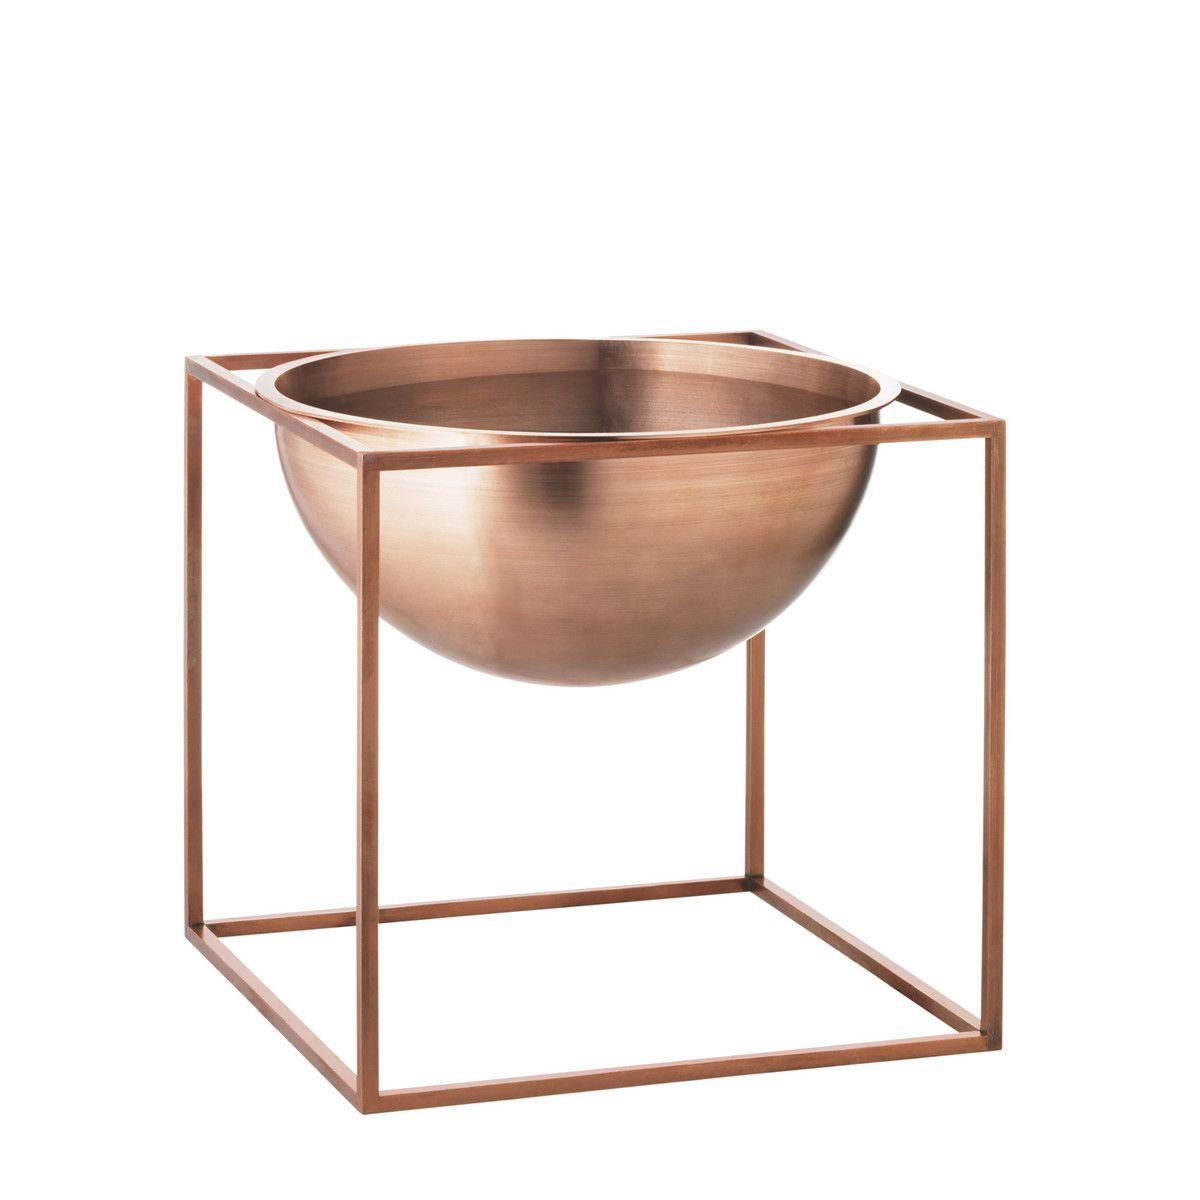 Wohndesign bilder mit shop by lassen  kubus bowl groß kupfer  bowls and dekoration